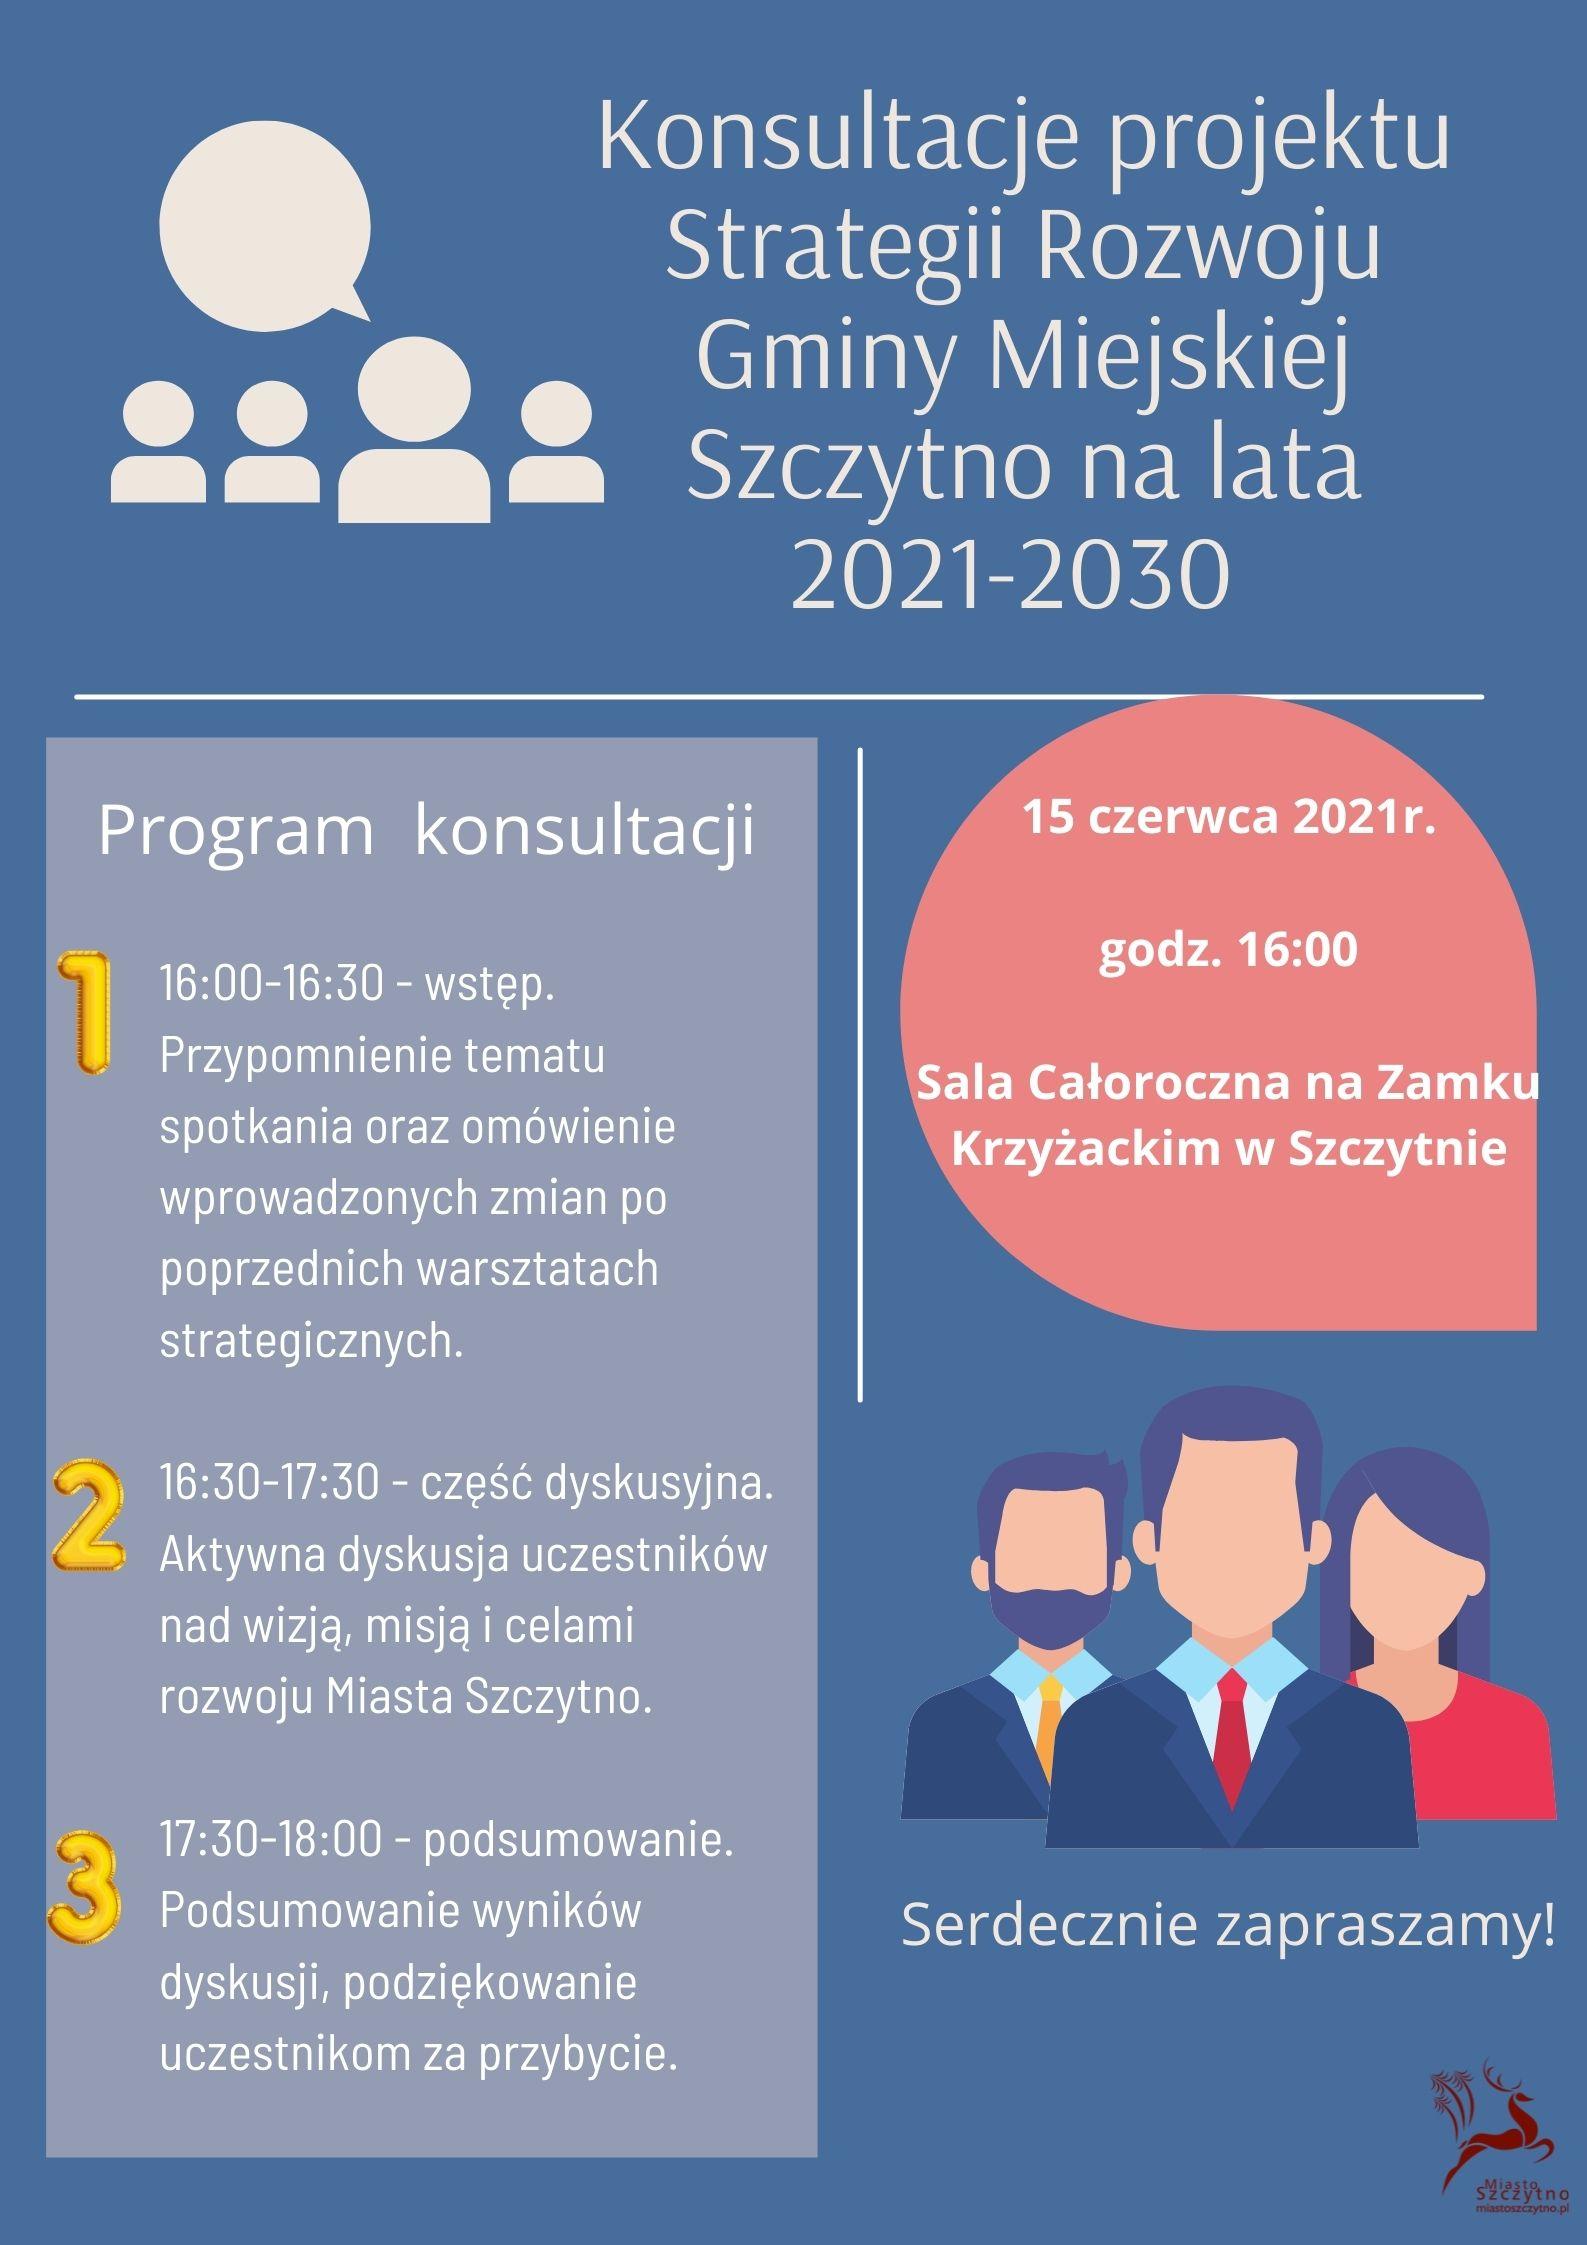 https://m.powiatszczycienski.pl/2021/06/orig/konsultacje-projektu-strategii-rozwoju-gminy-miejskiej-szczytno-na-lata-2021-2030-41134.jpg